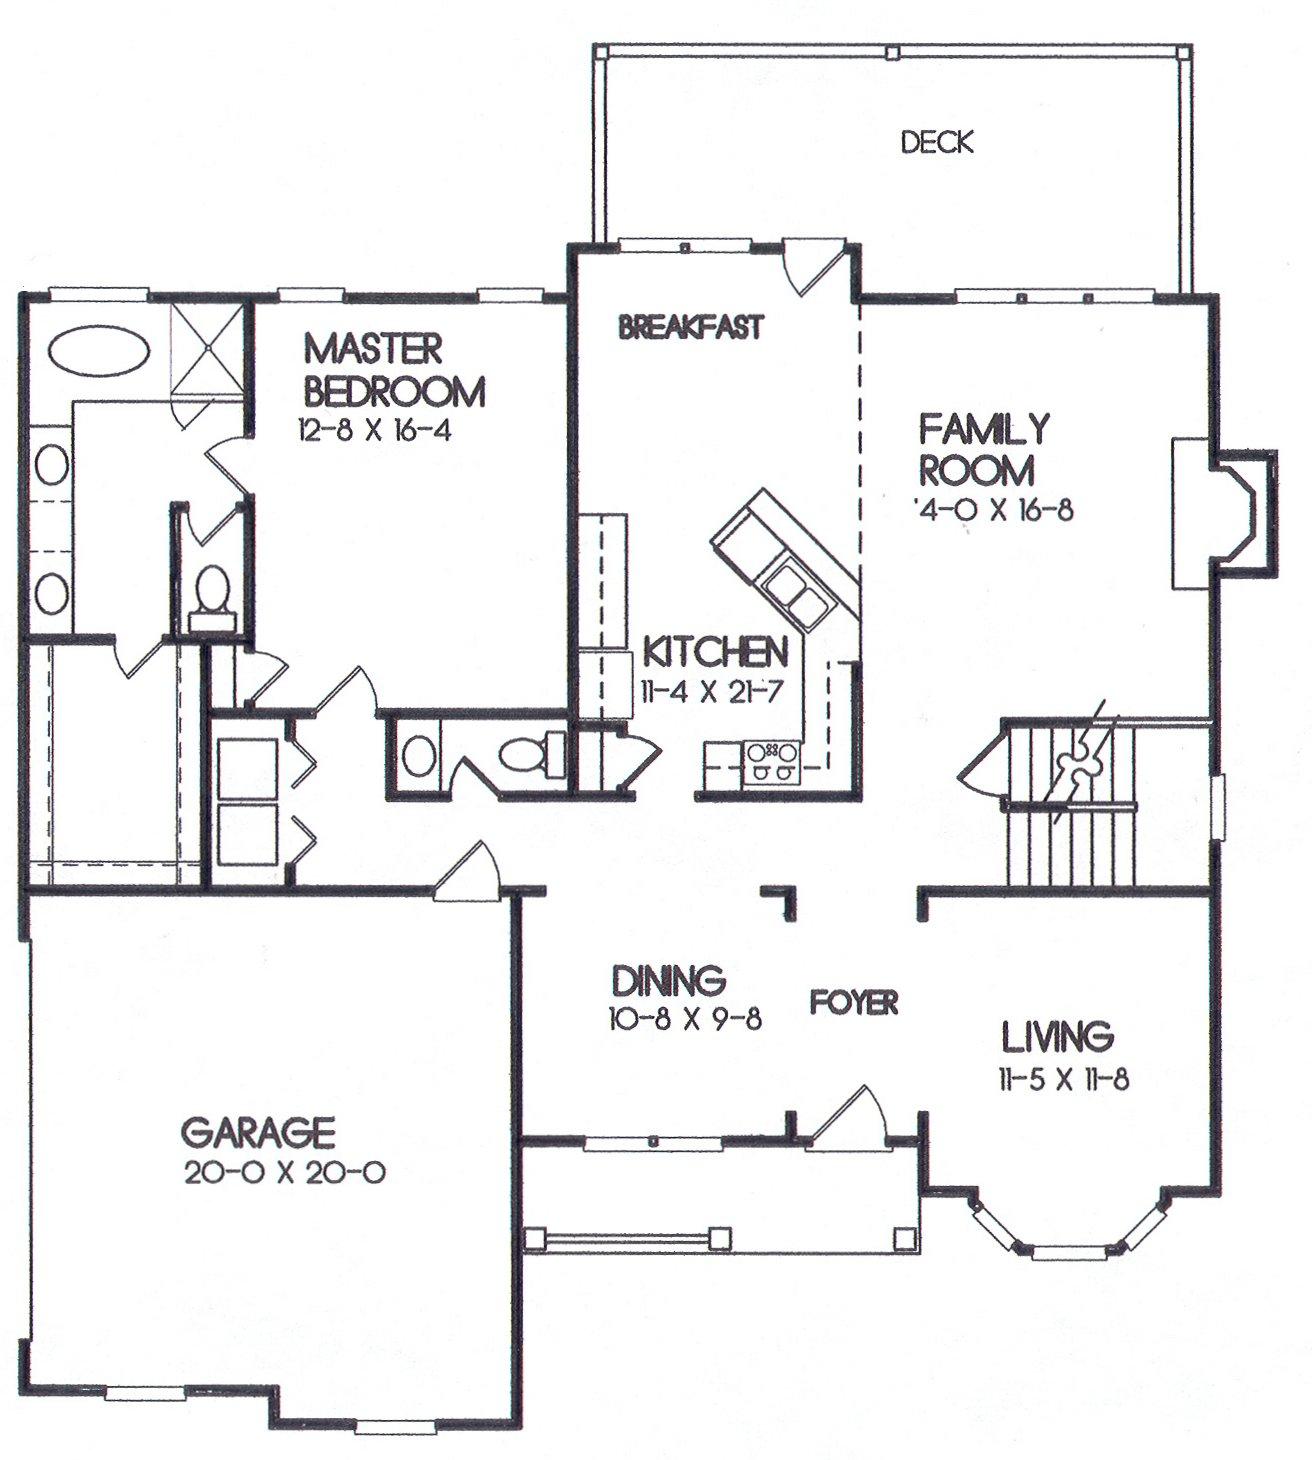 21-1 first floor